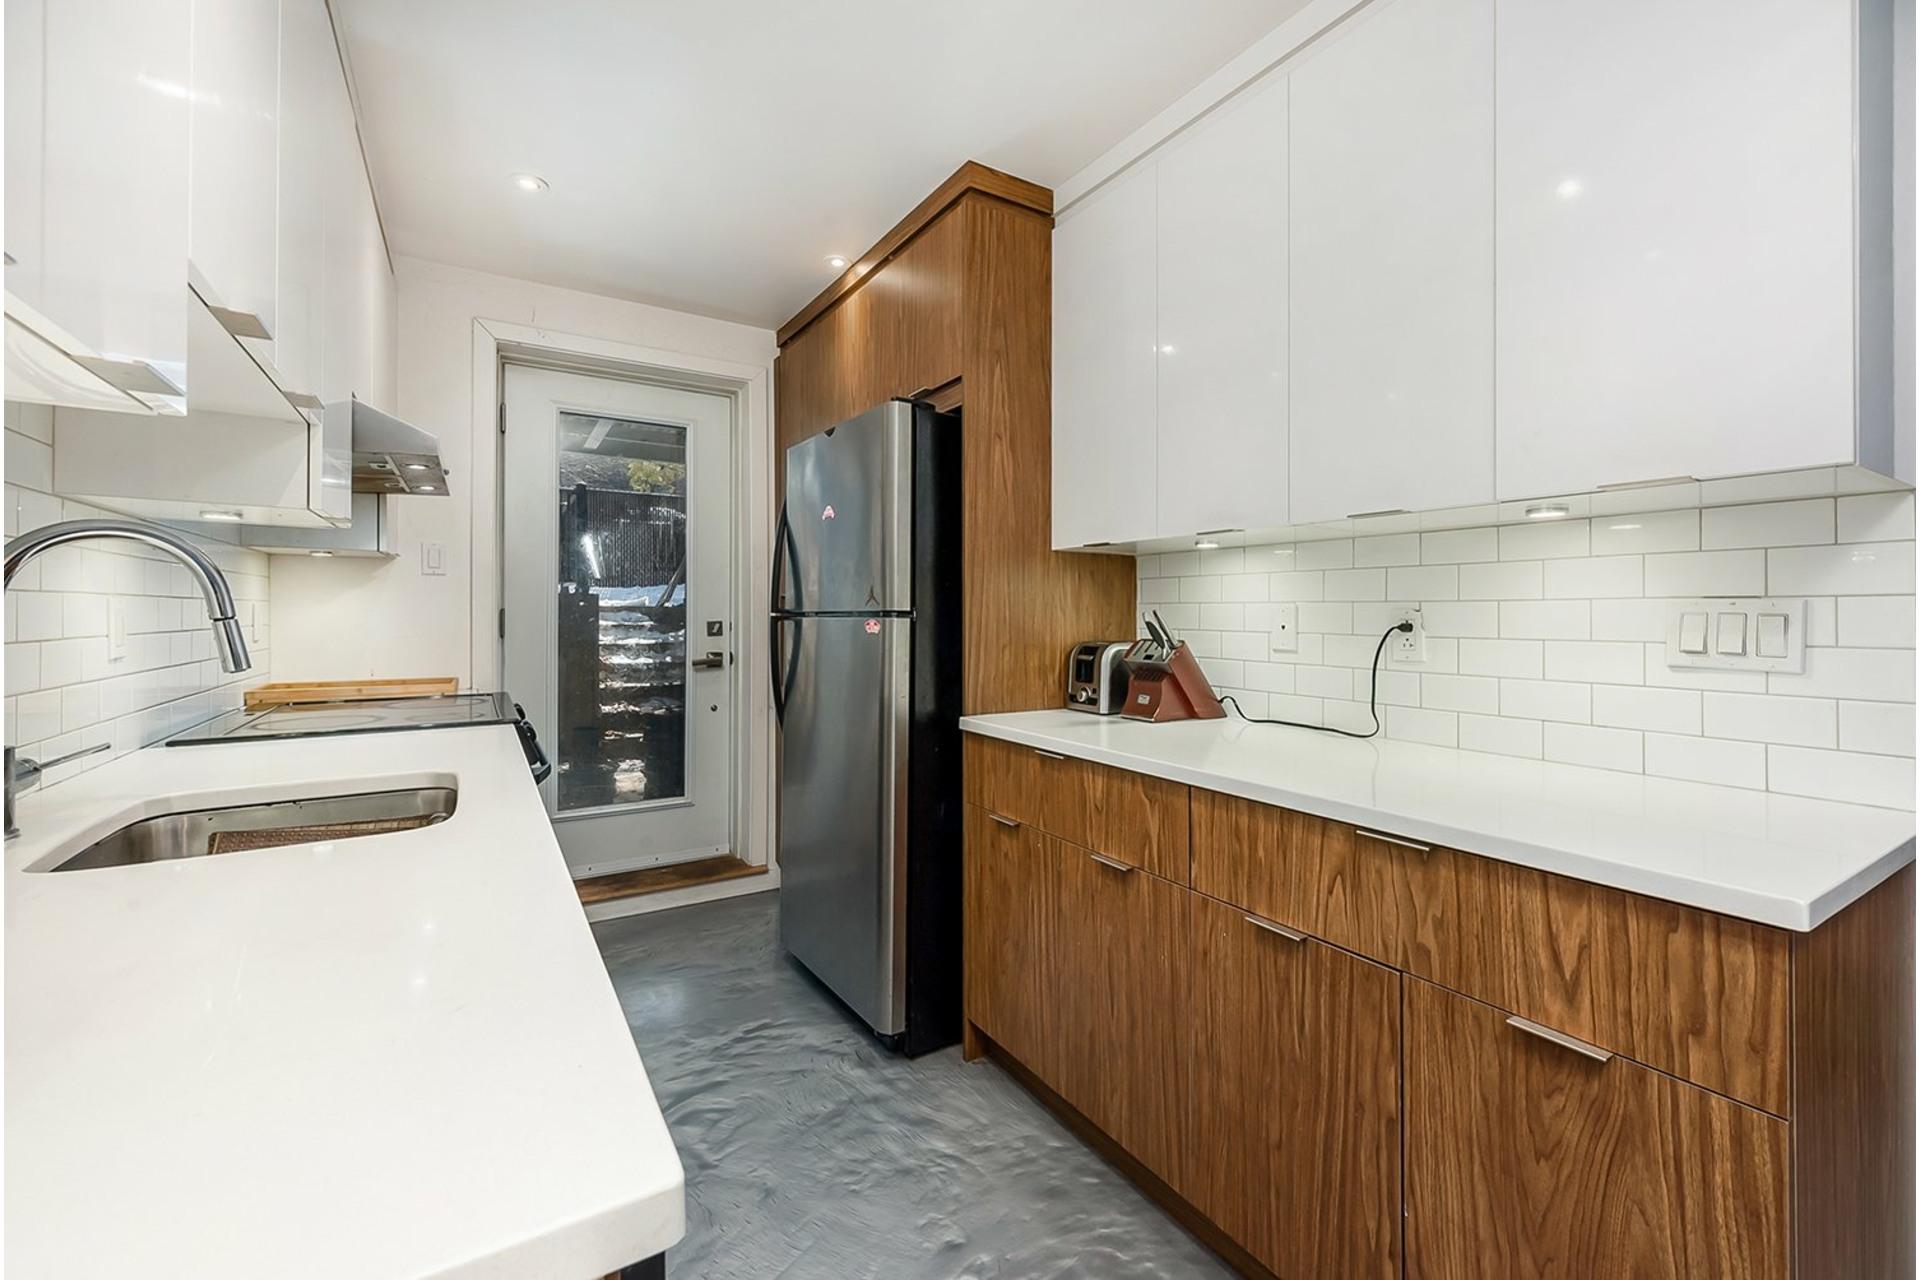 image 64 - Triplex For sale Mercier/Hochelaga-Maisonneuve Montréal  - 4 rooms